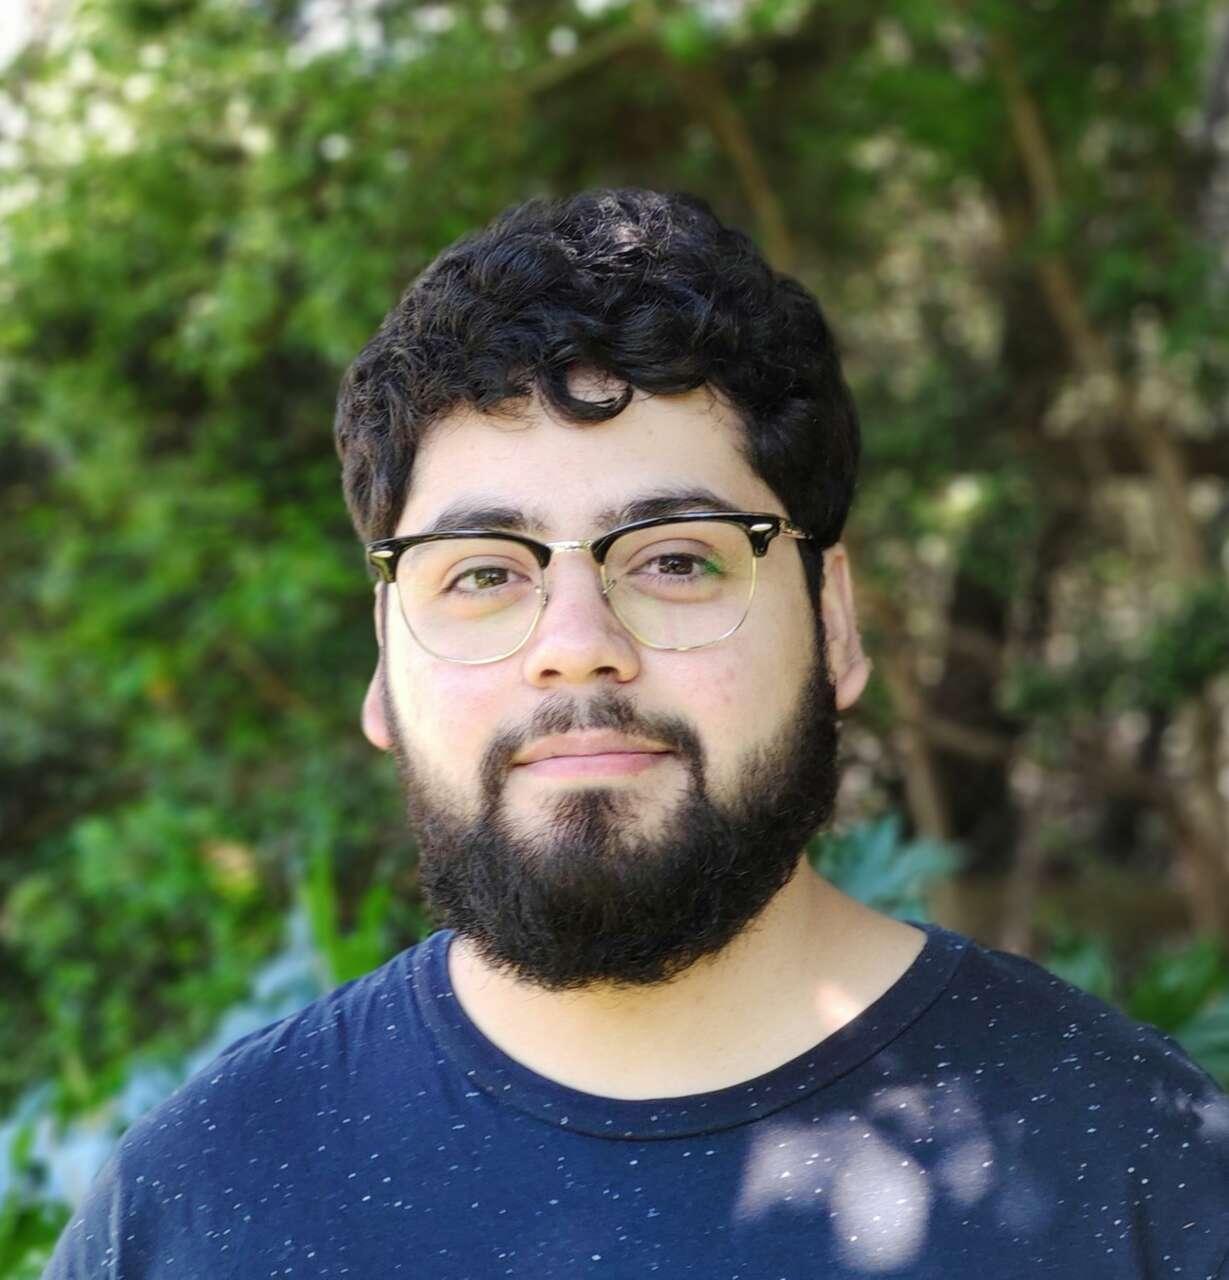 Robert Padilla Quiroz